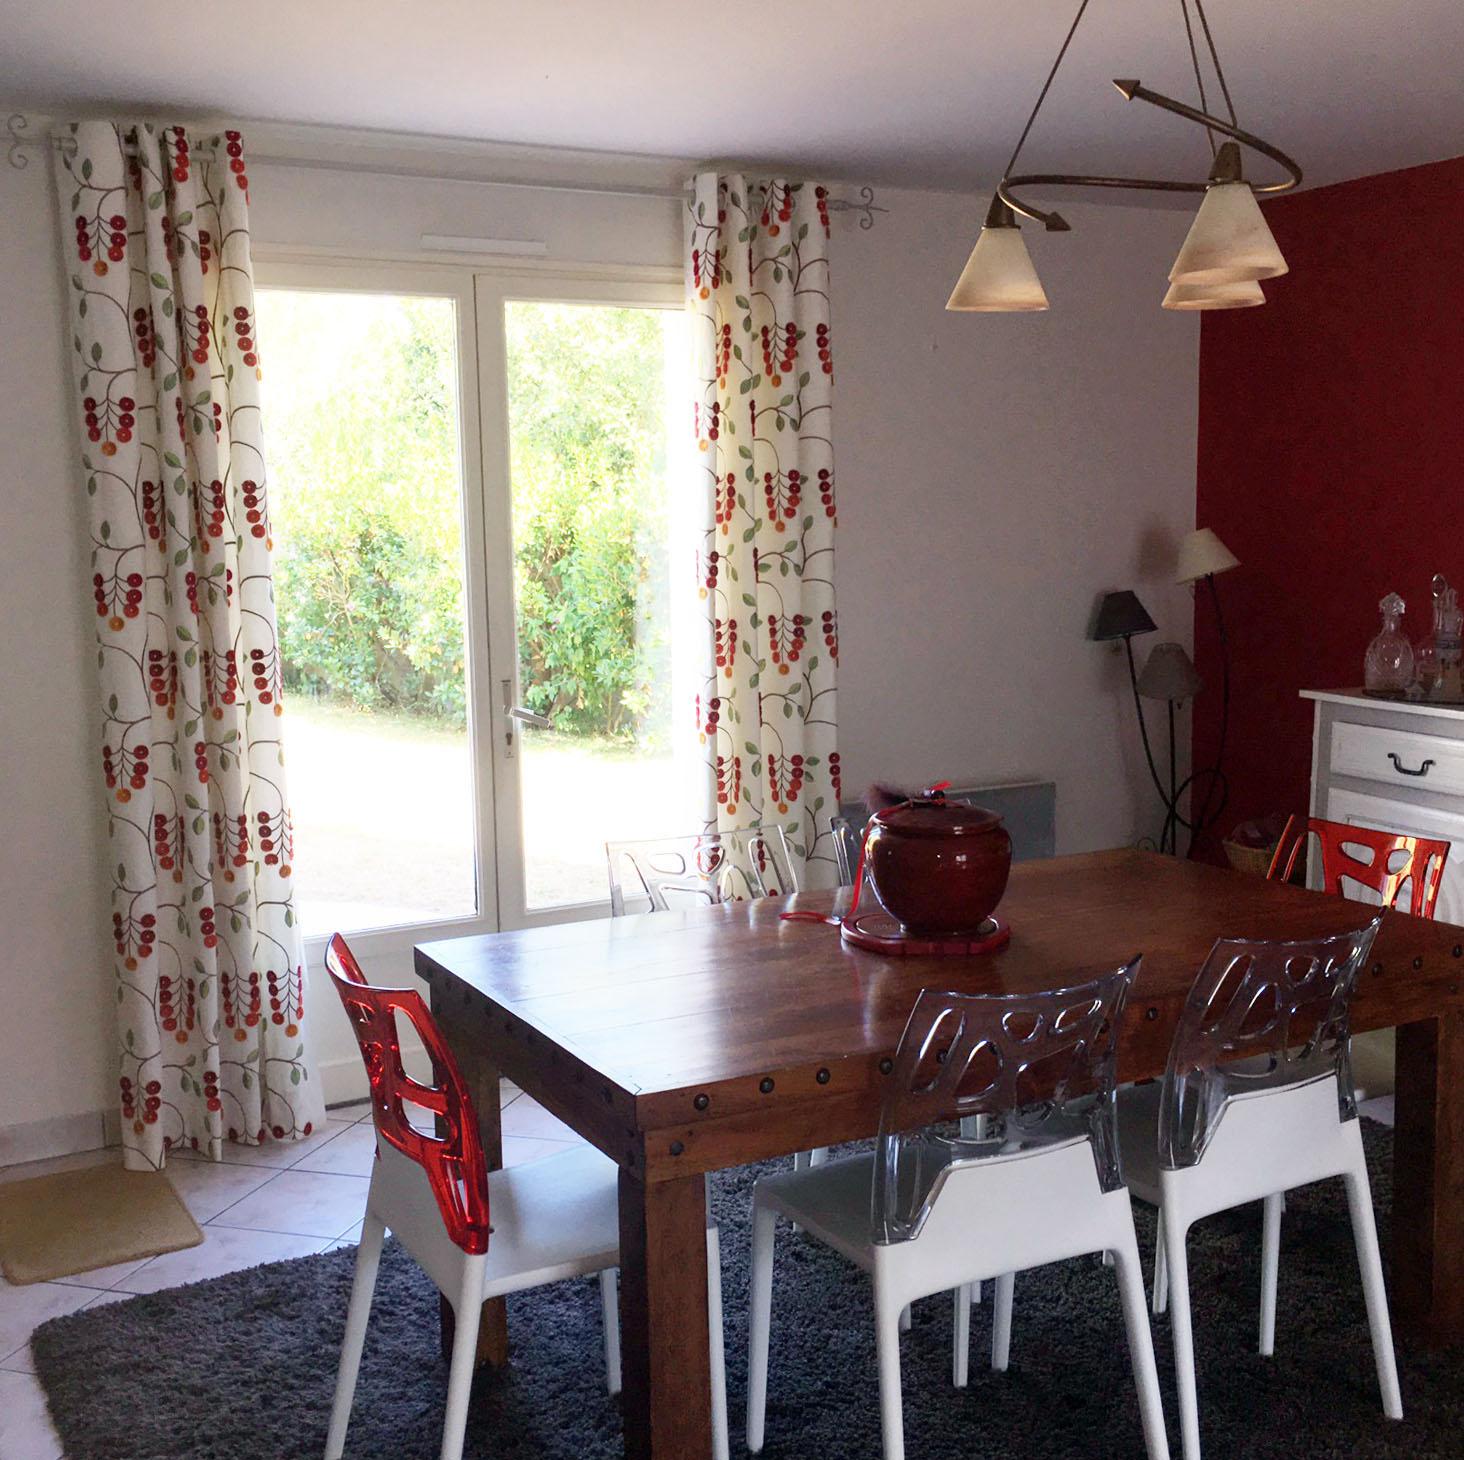 la maison du rideaux beautiful pcs vert saule sheer. Black Bedroom Furniture Sets. Home Design Ideas